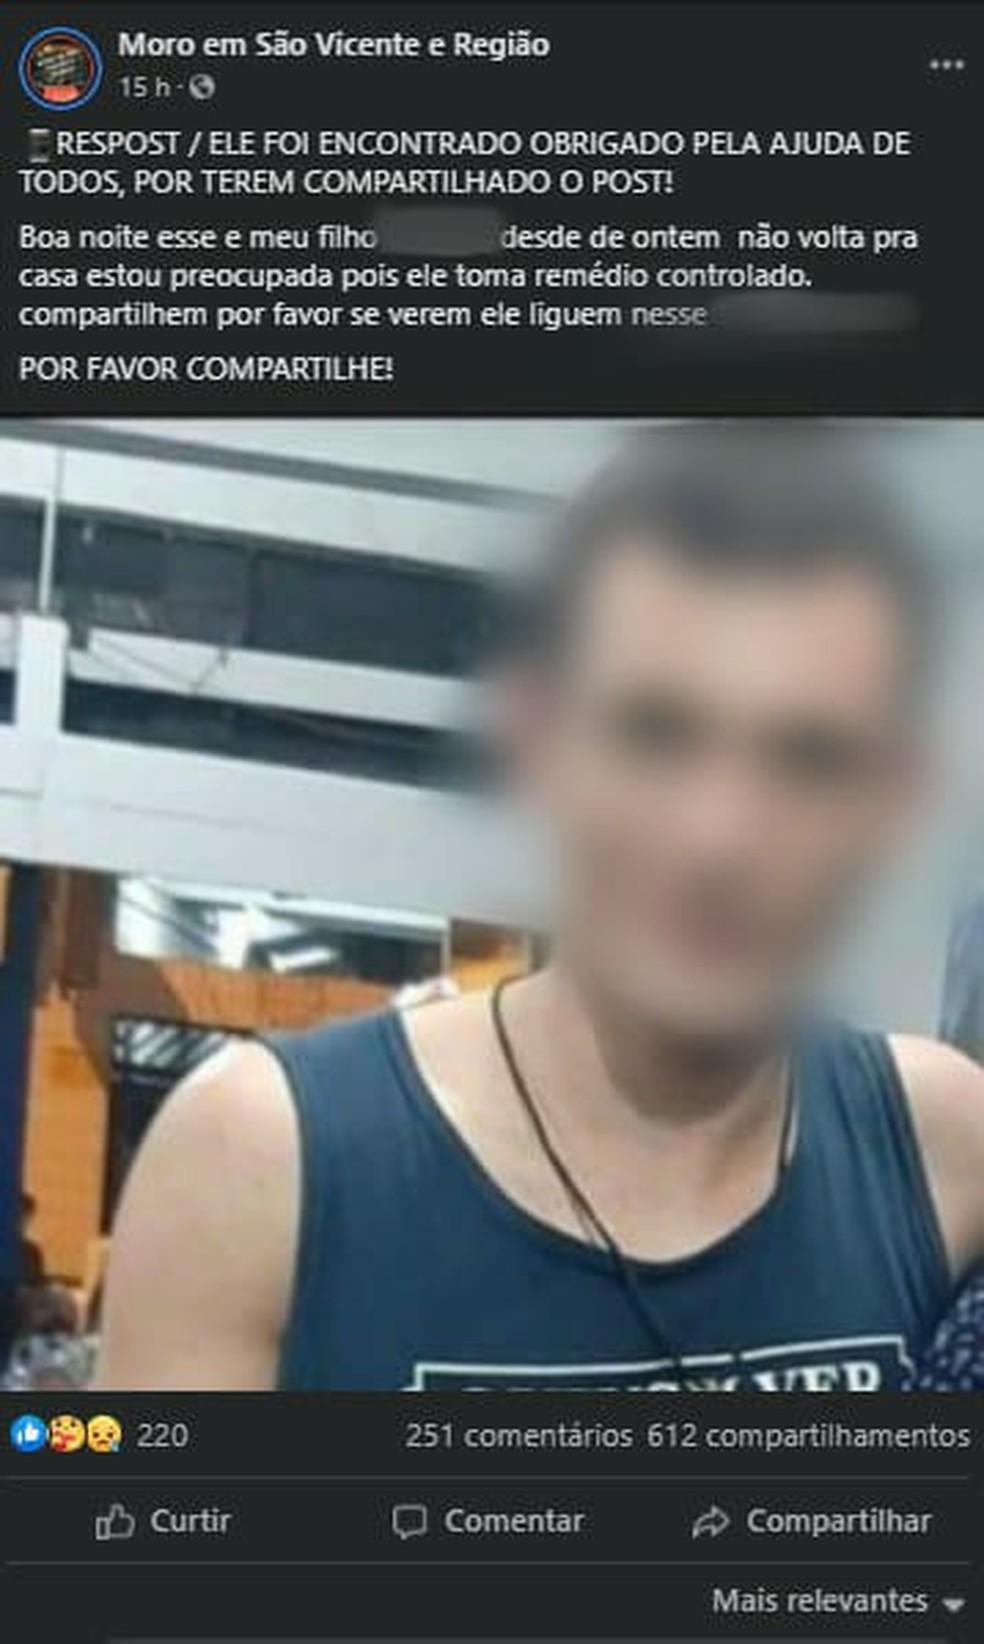 Funcionário do Carrefour foi encontrado preso em elevador  — Foto: Reprodução/Facebook/Moro em São Vicente e Região